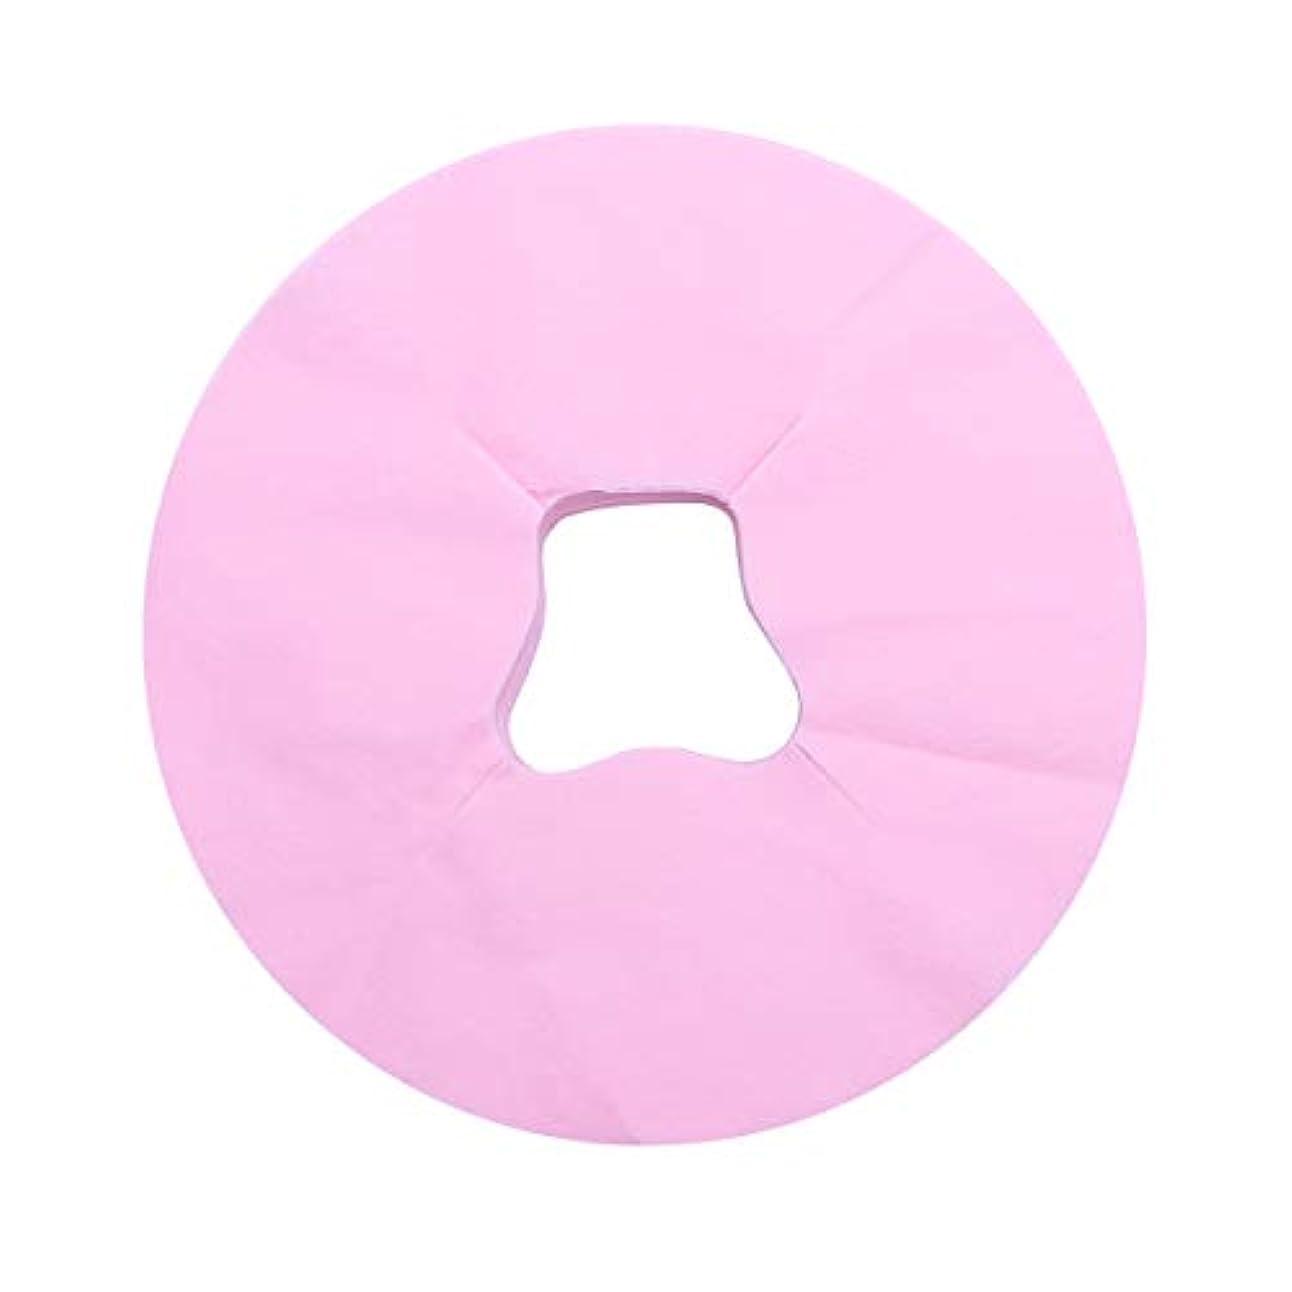 文法におい水Healifty 100シートマッサージフェイスピローカバー使い捨てフェイスカバーパッドフェイスホールピローフェイシャルベッドサロンスパヘッドレストピローシート(ピンク)